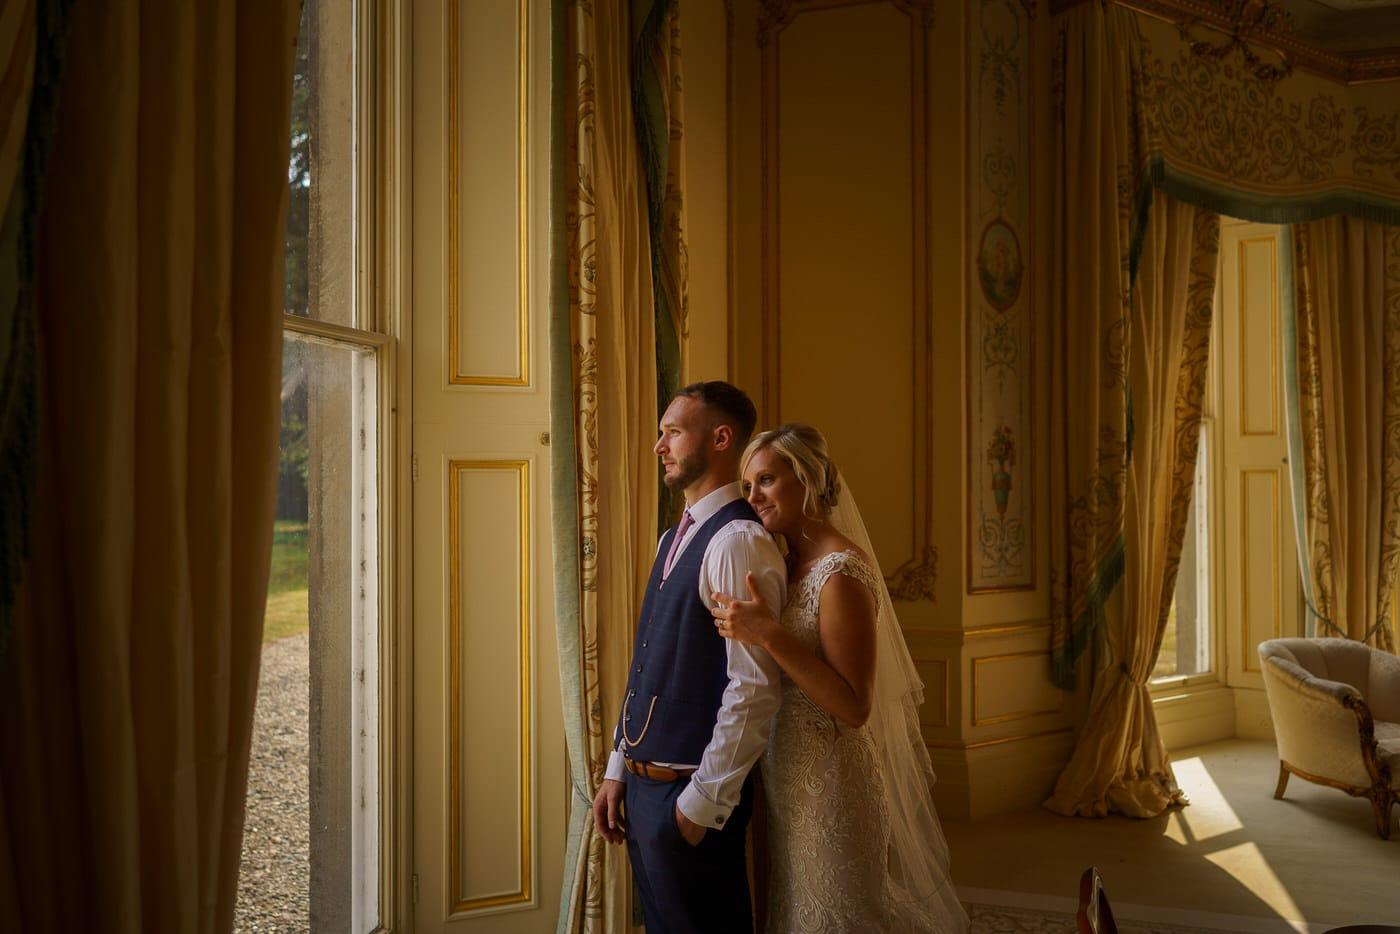 NETLEY HALL WEDDING PHOTOGRAPHER 1498